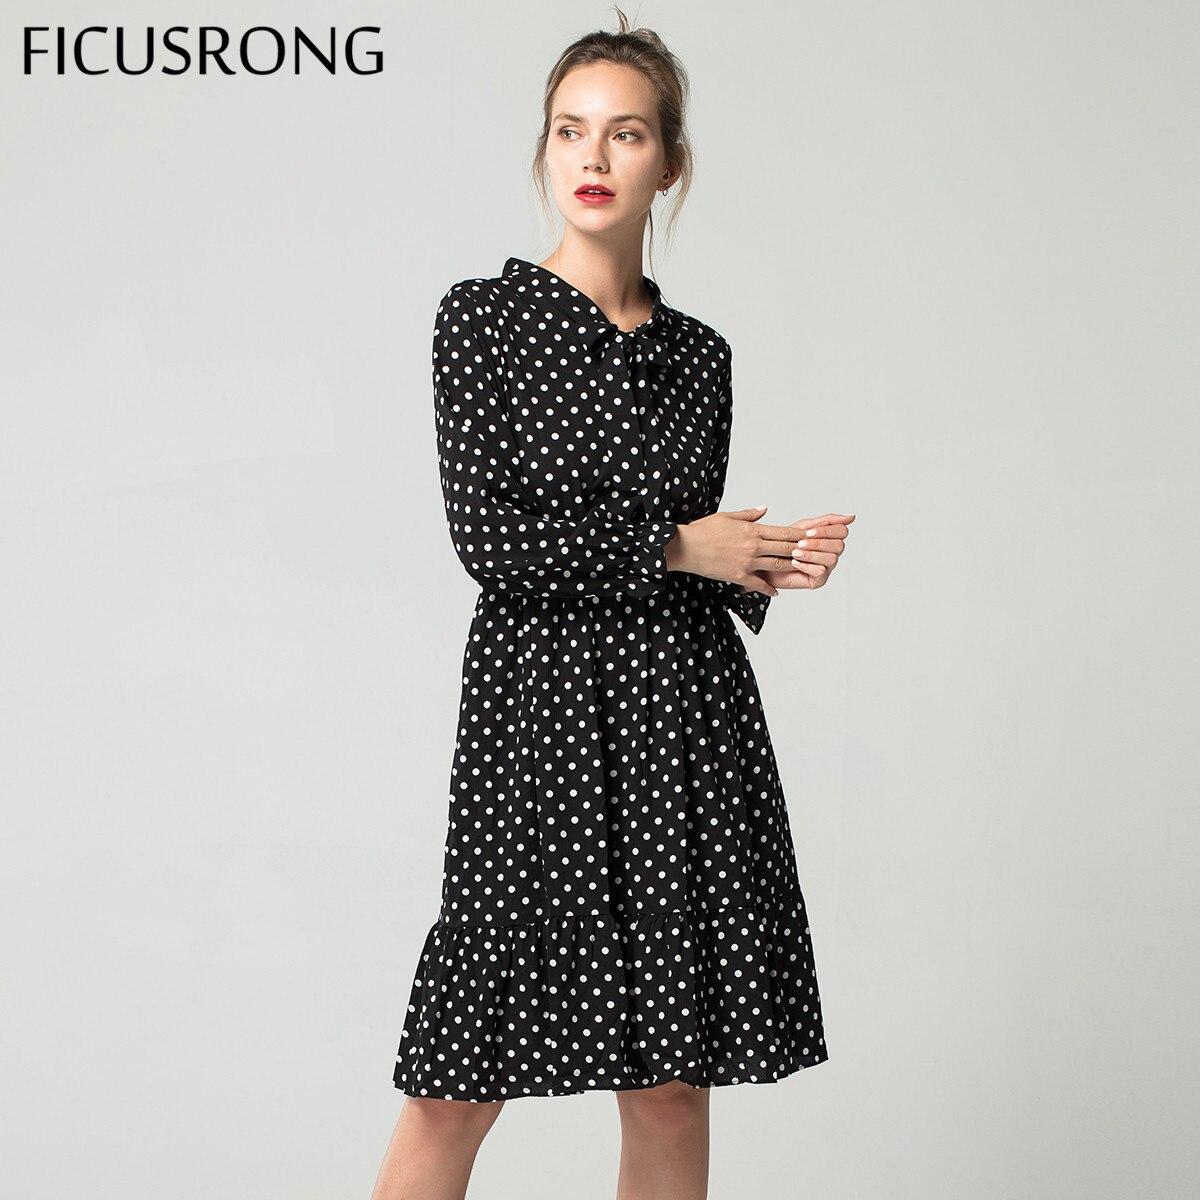 0ddf9eb6c30 Купить товар Осень 2019 г. шифоновая рубашка платья для женщин офисные в горошек  Винтаж платье